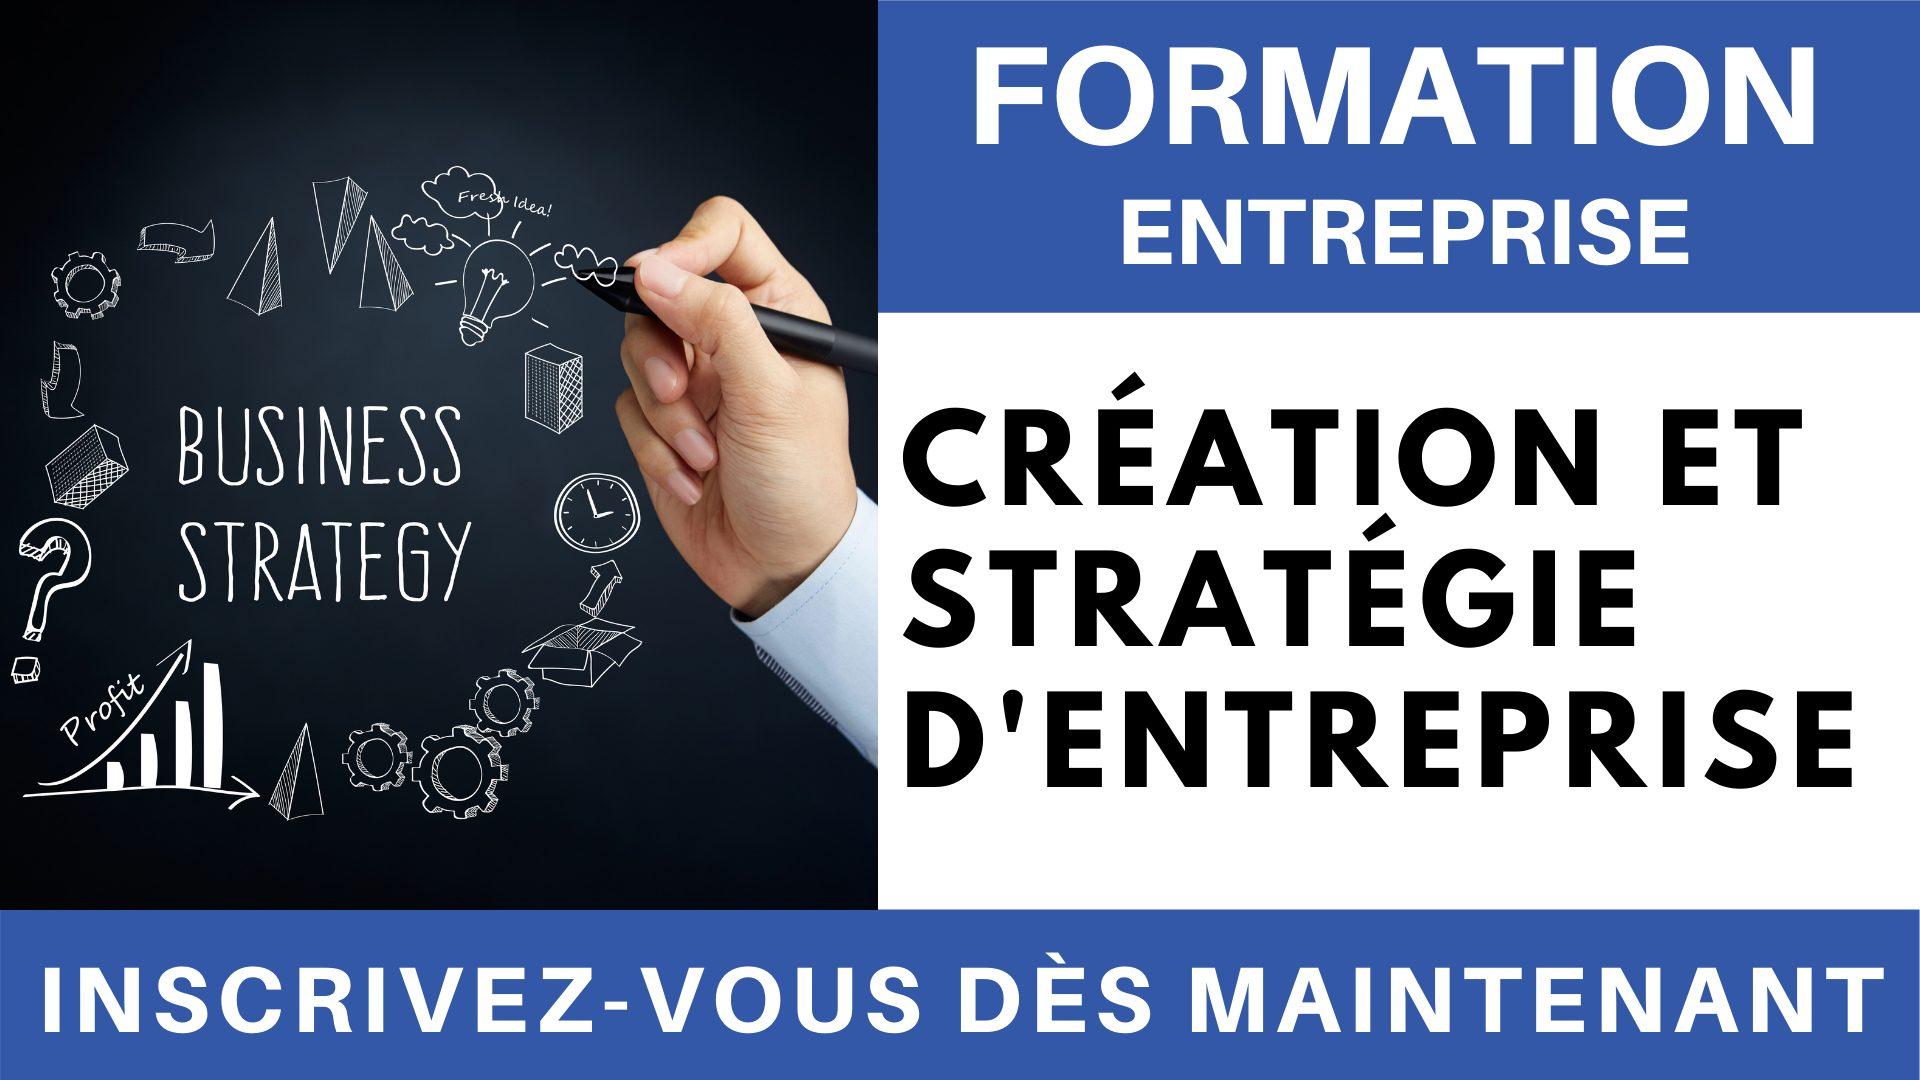 Formation Entreprise - Création et stratégie d'entreprise